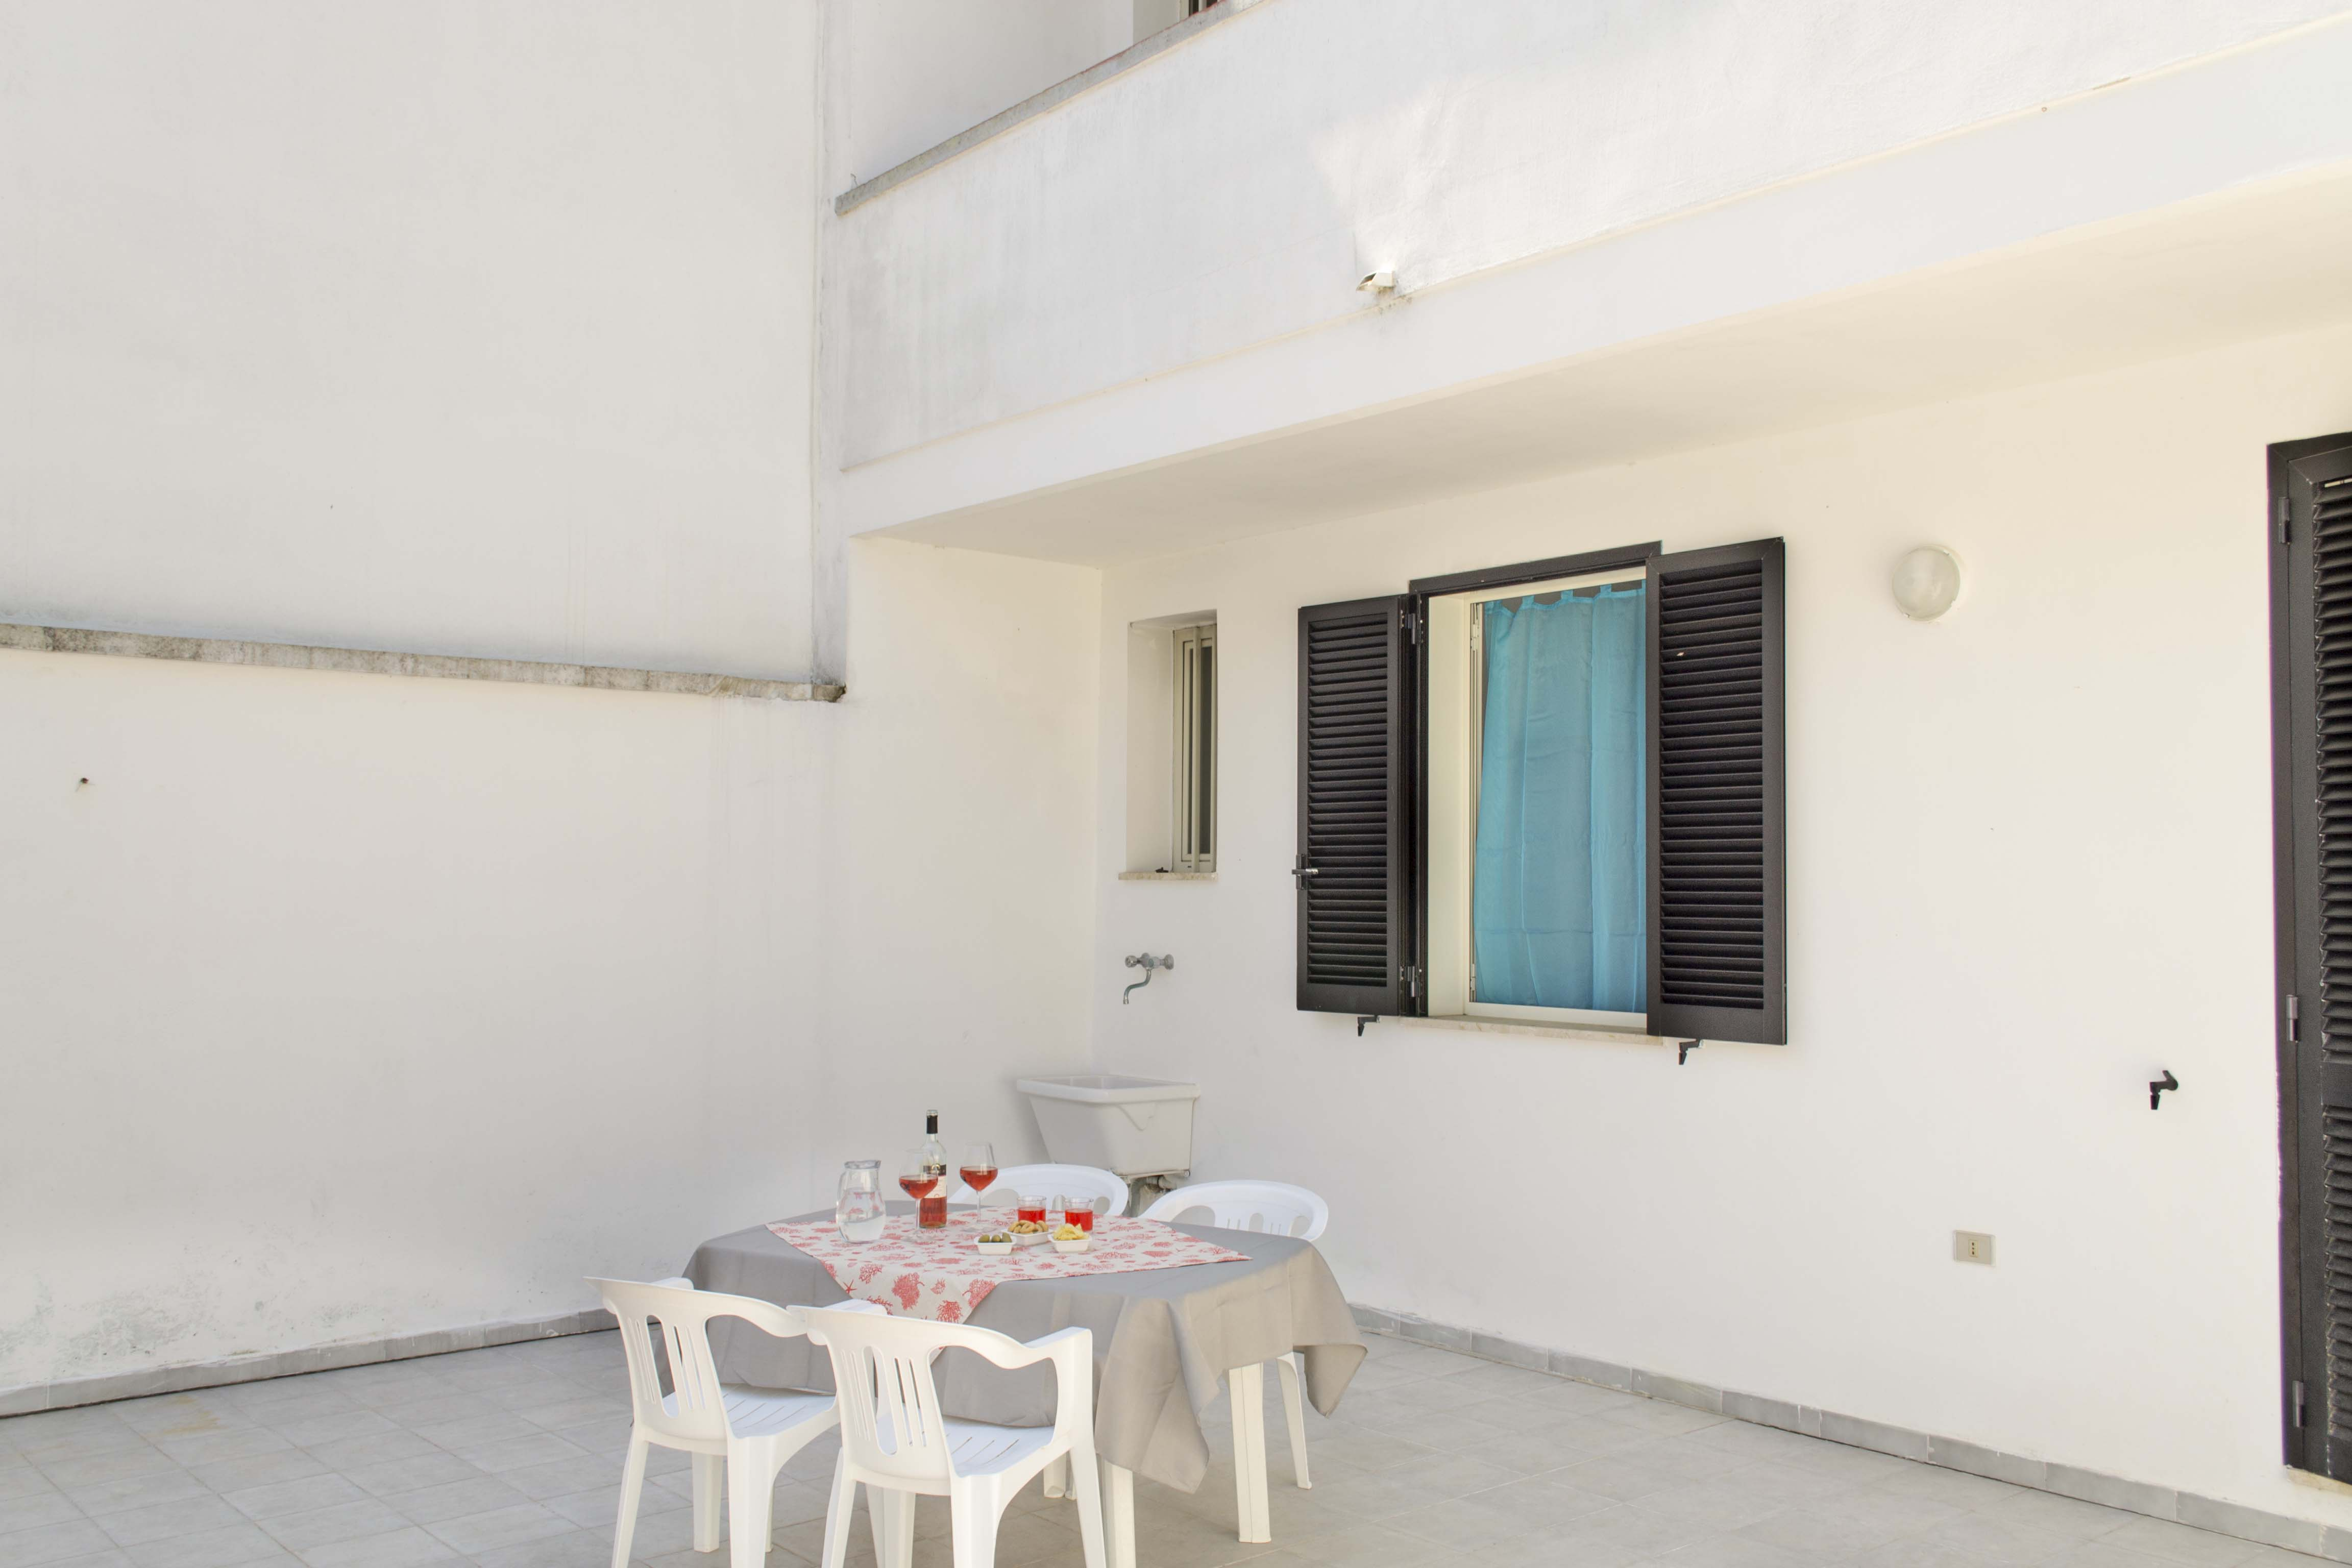 503_residence-petrarca_poesia_veranda.jpg